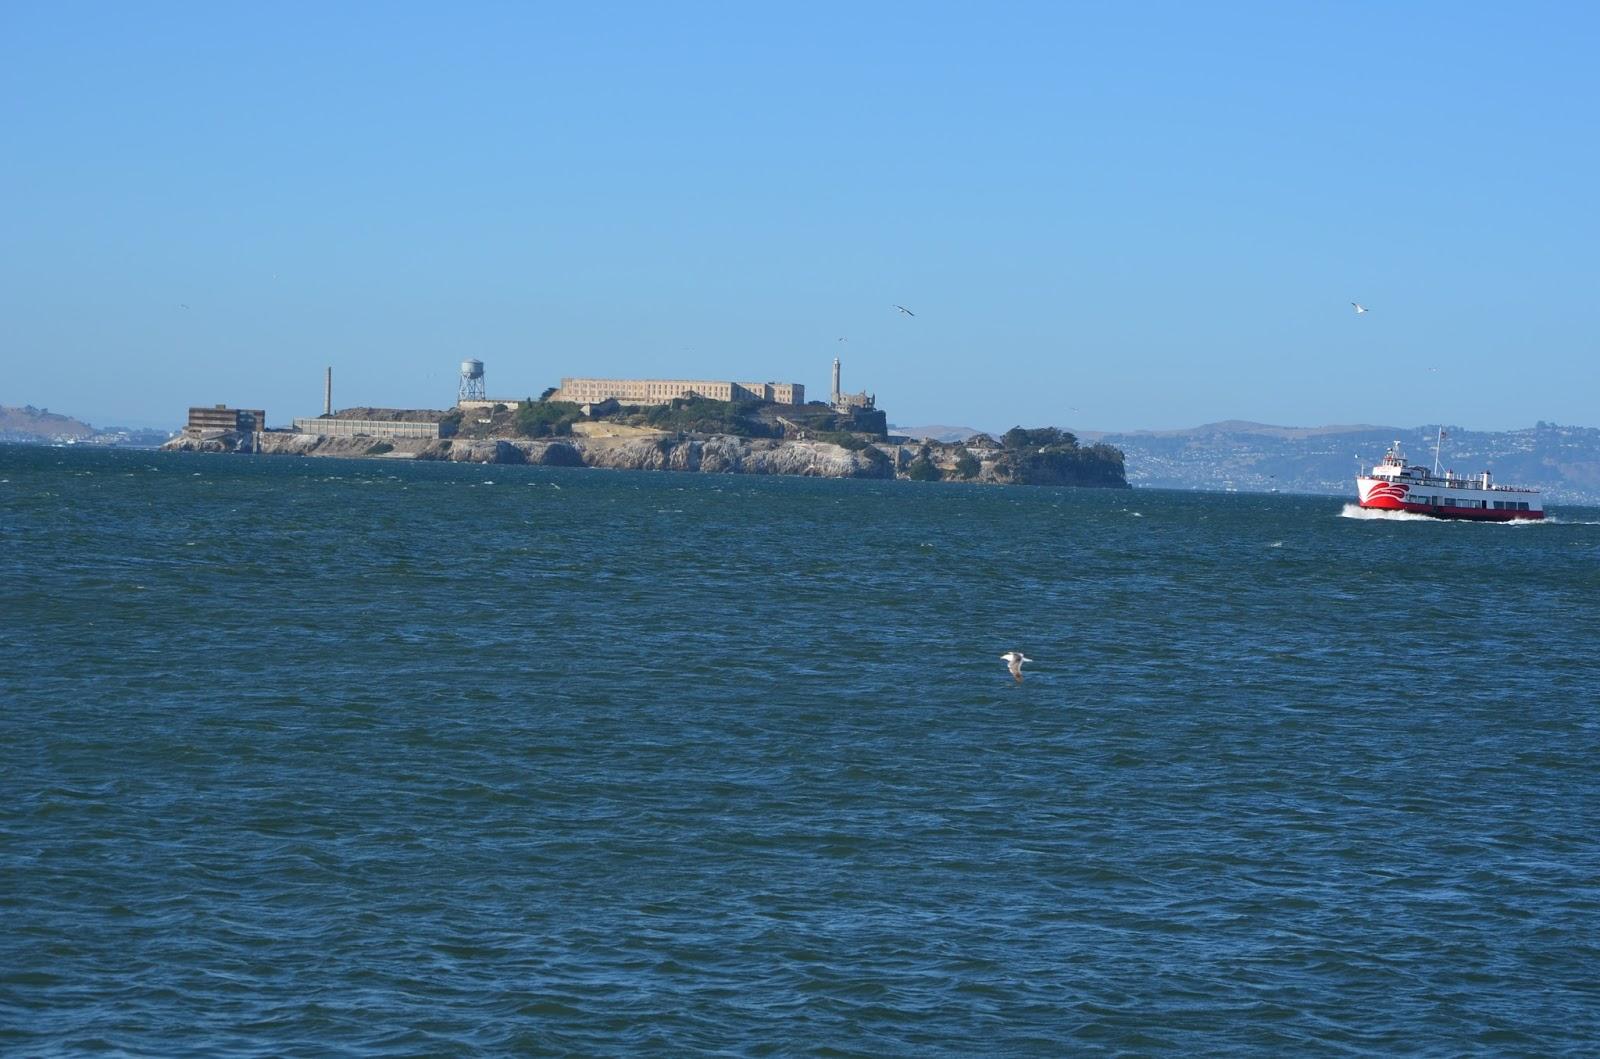 arrivee-a-san-francisco-en-voiture - Visiter San Francisco